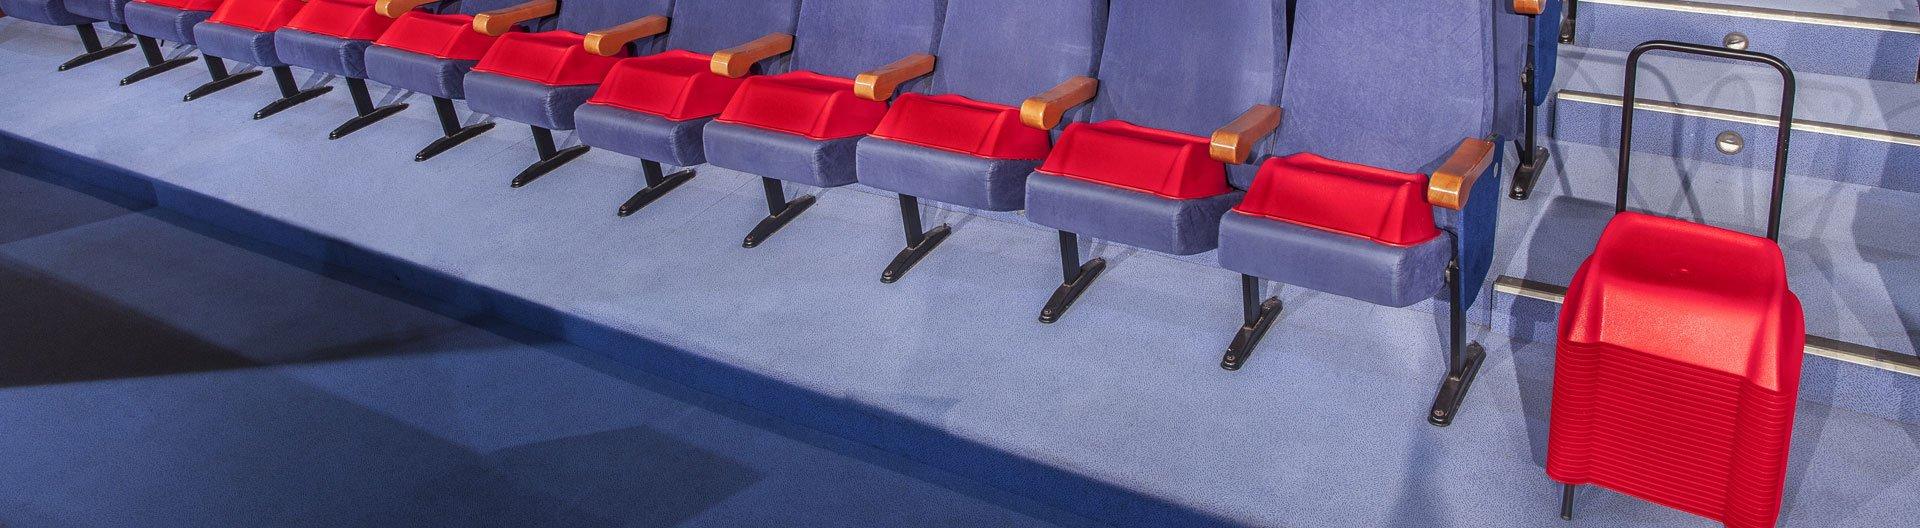 Alzadores infantiles para butacas de teatro y cine - Fabricante de alzadores infantiles para butacas